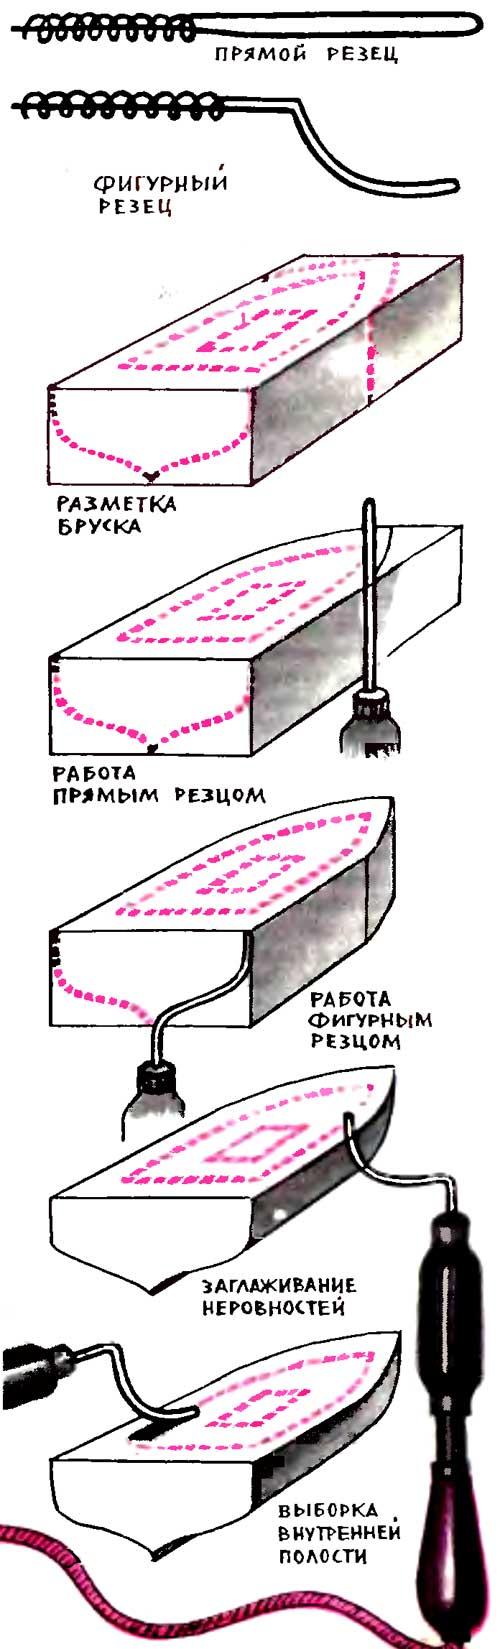 Как работать с пенопластом